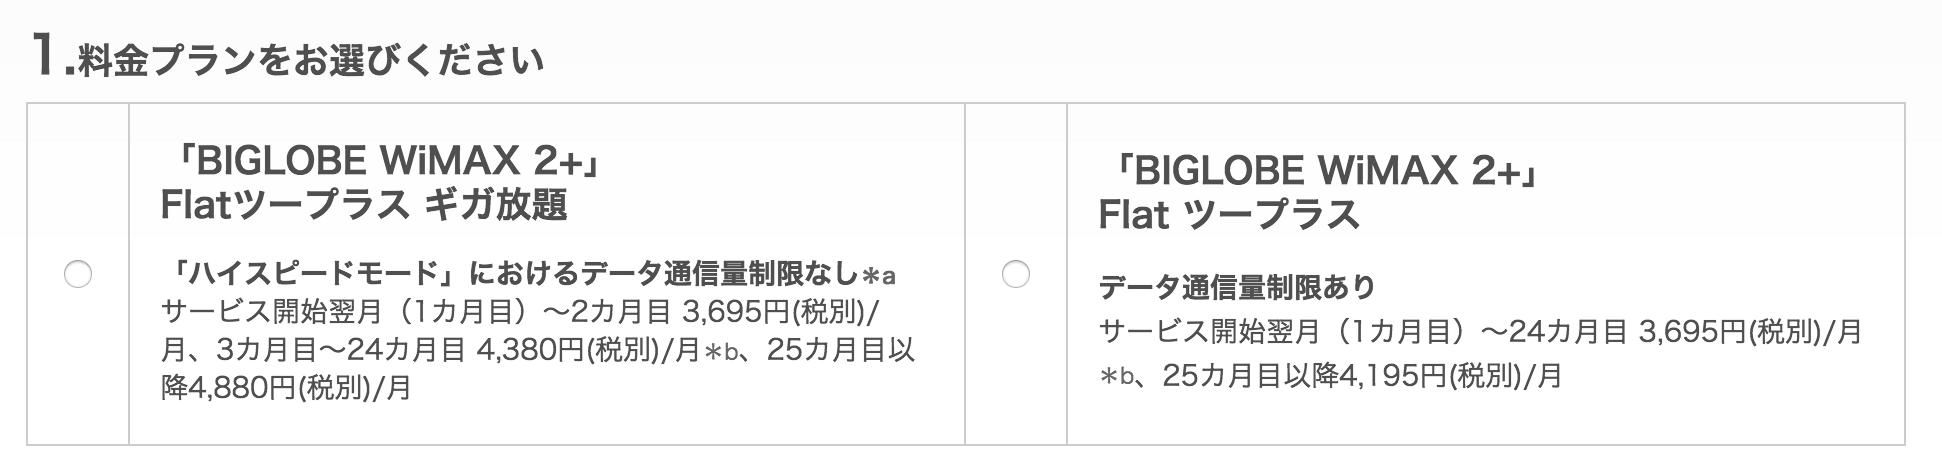 BIGLOBE_料金プラン